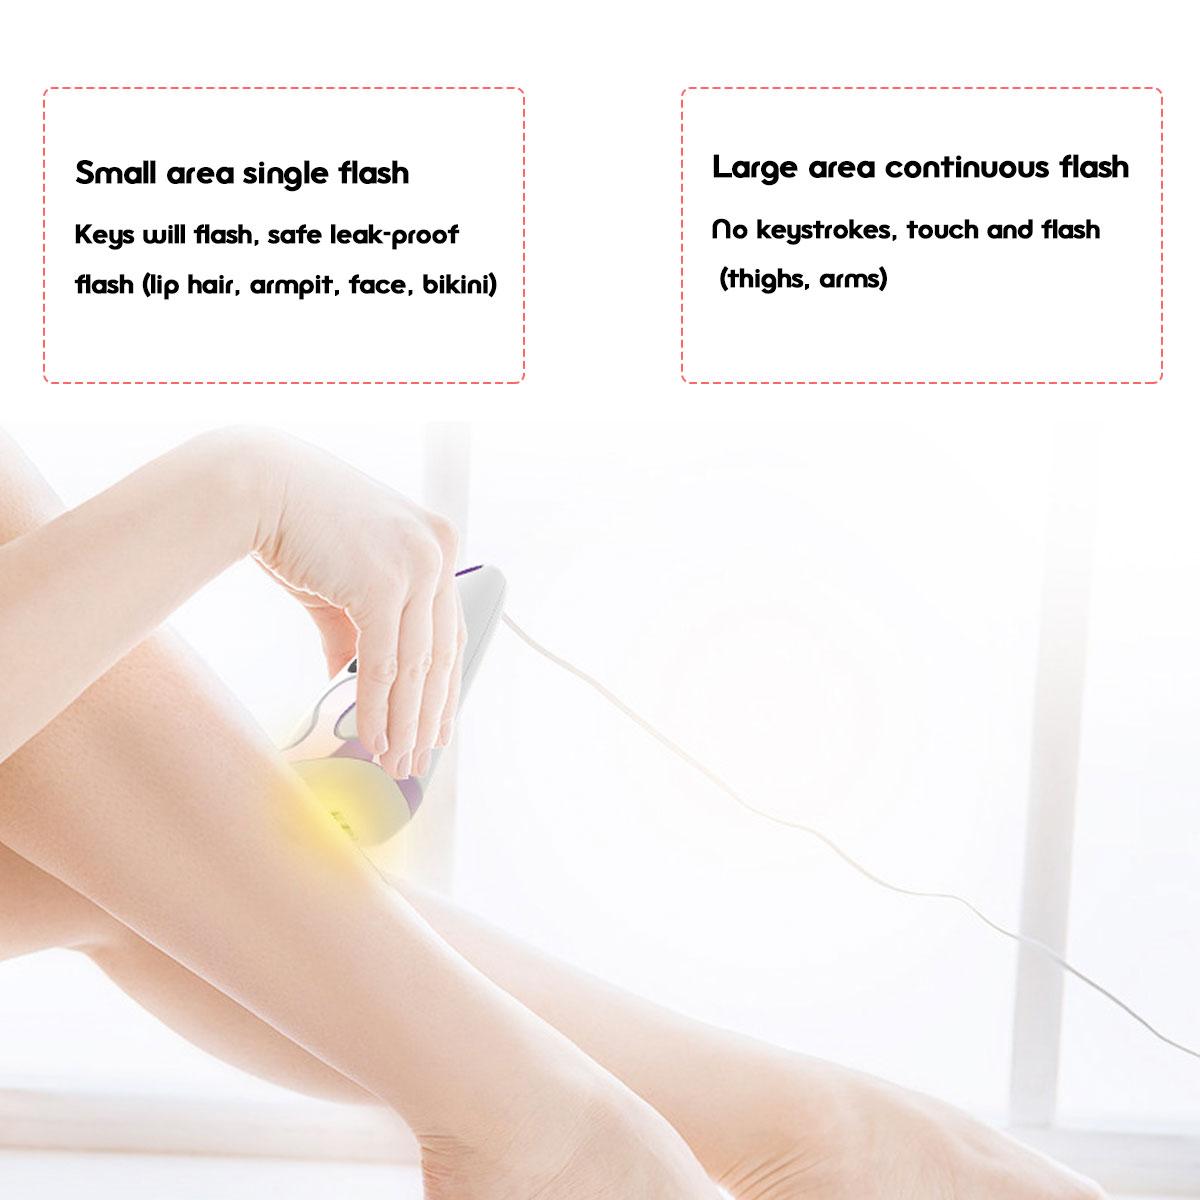 5 Speed Revolution IPL Permanent Лазер Волосы Удаление для 300 000 вспышек Эпилятор Безболезненный Электрический Волосы - фото 6